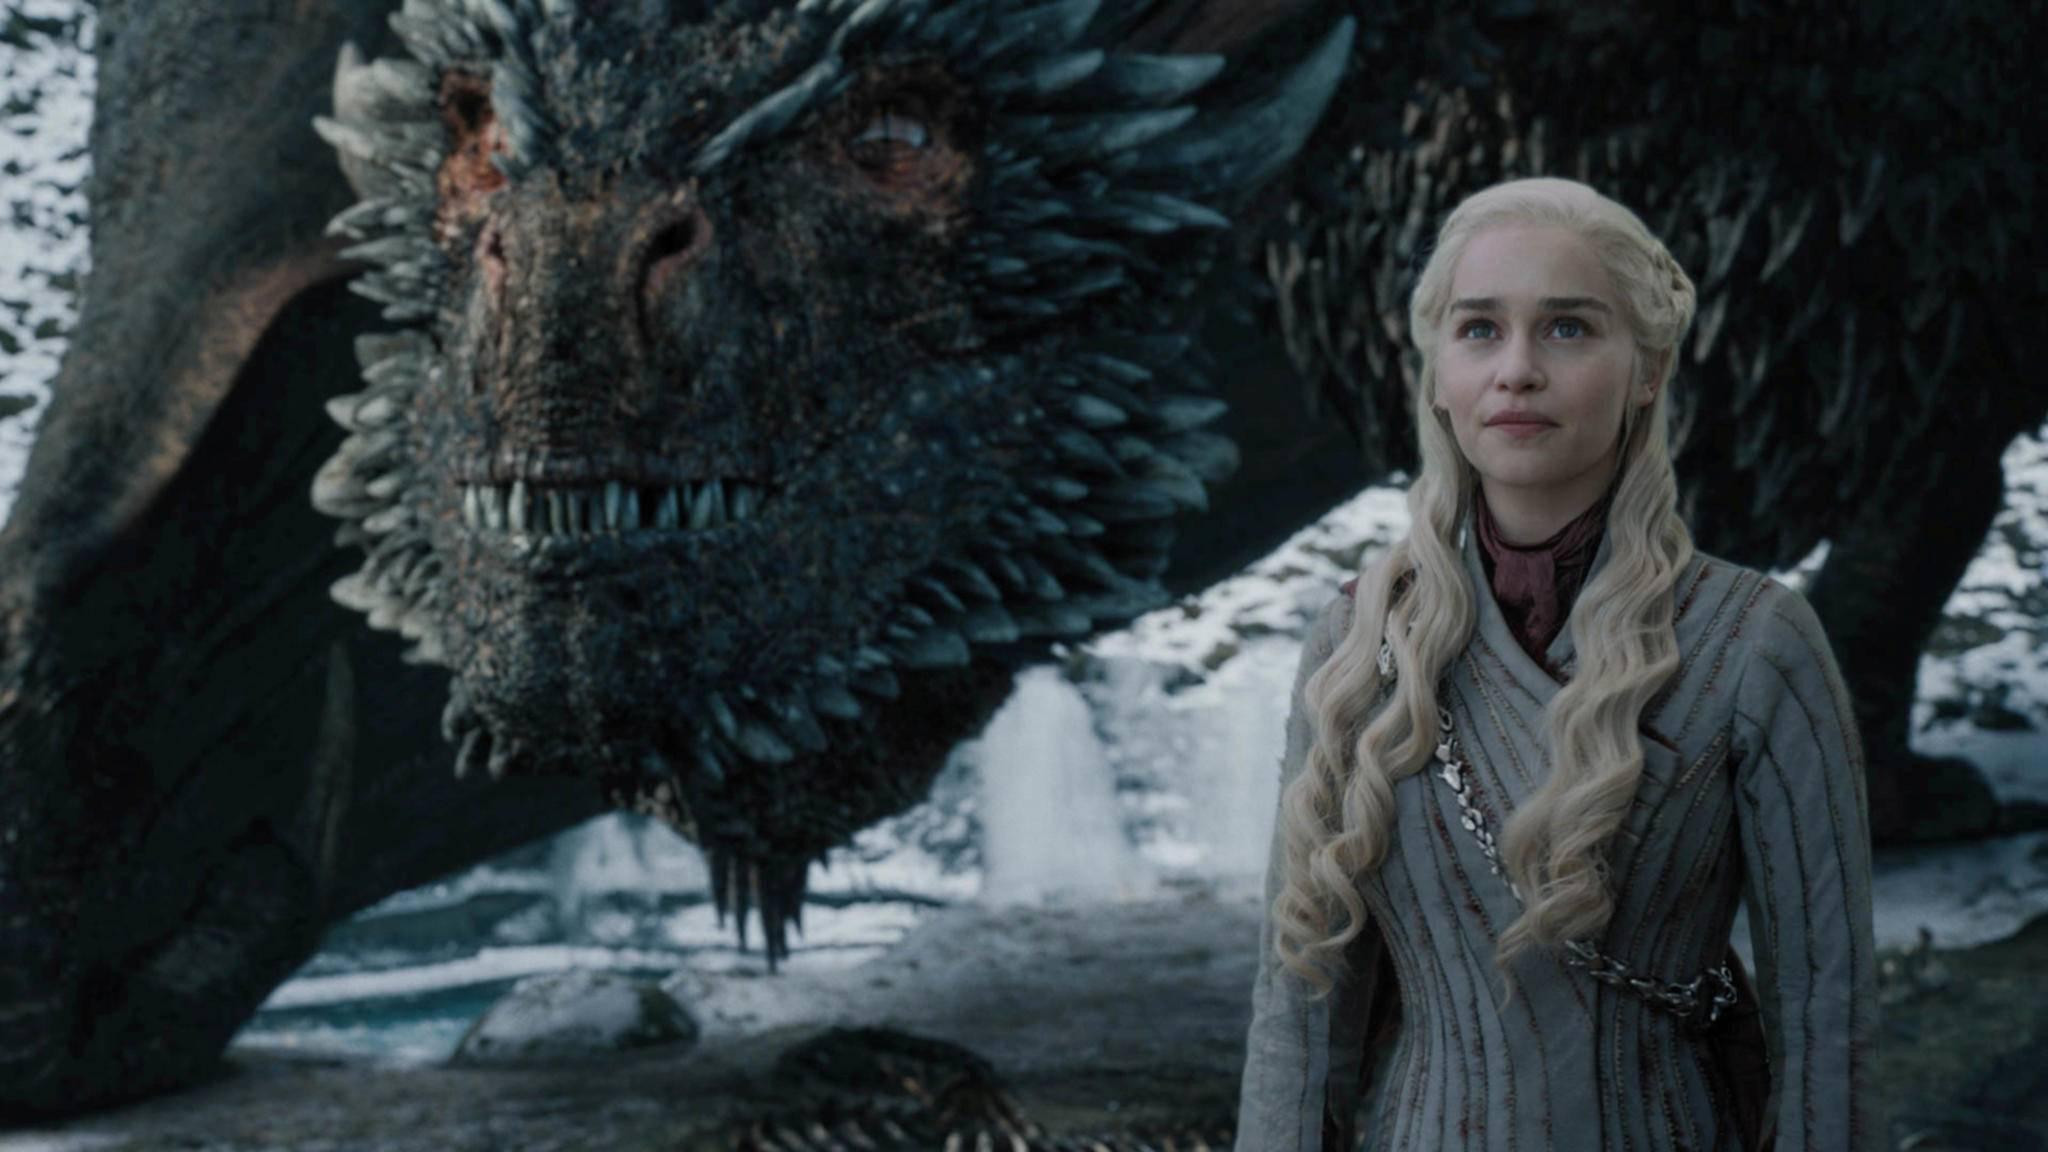 Wer noch einmal nach Westeros abtauchen möchte, kann dies ab Anfang Dezember tun: Dann gibt's die komplette Serie auf DVD und Blu-ray.